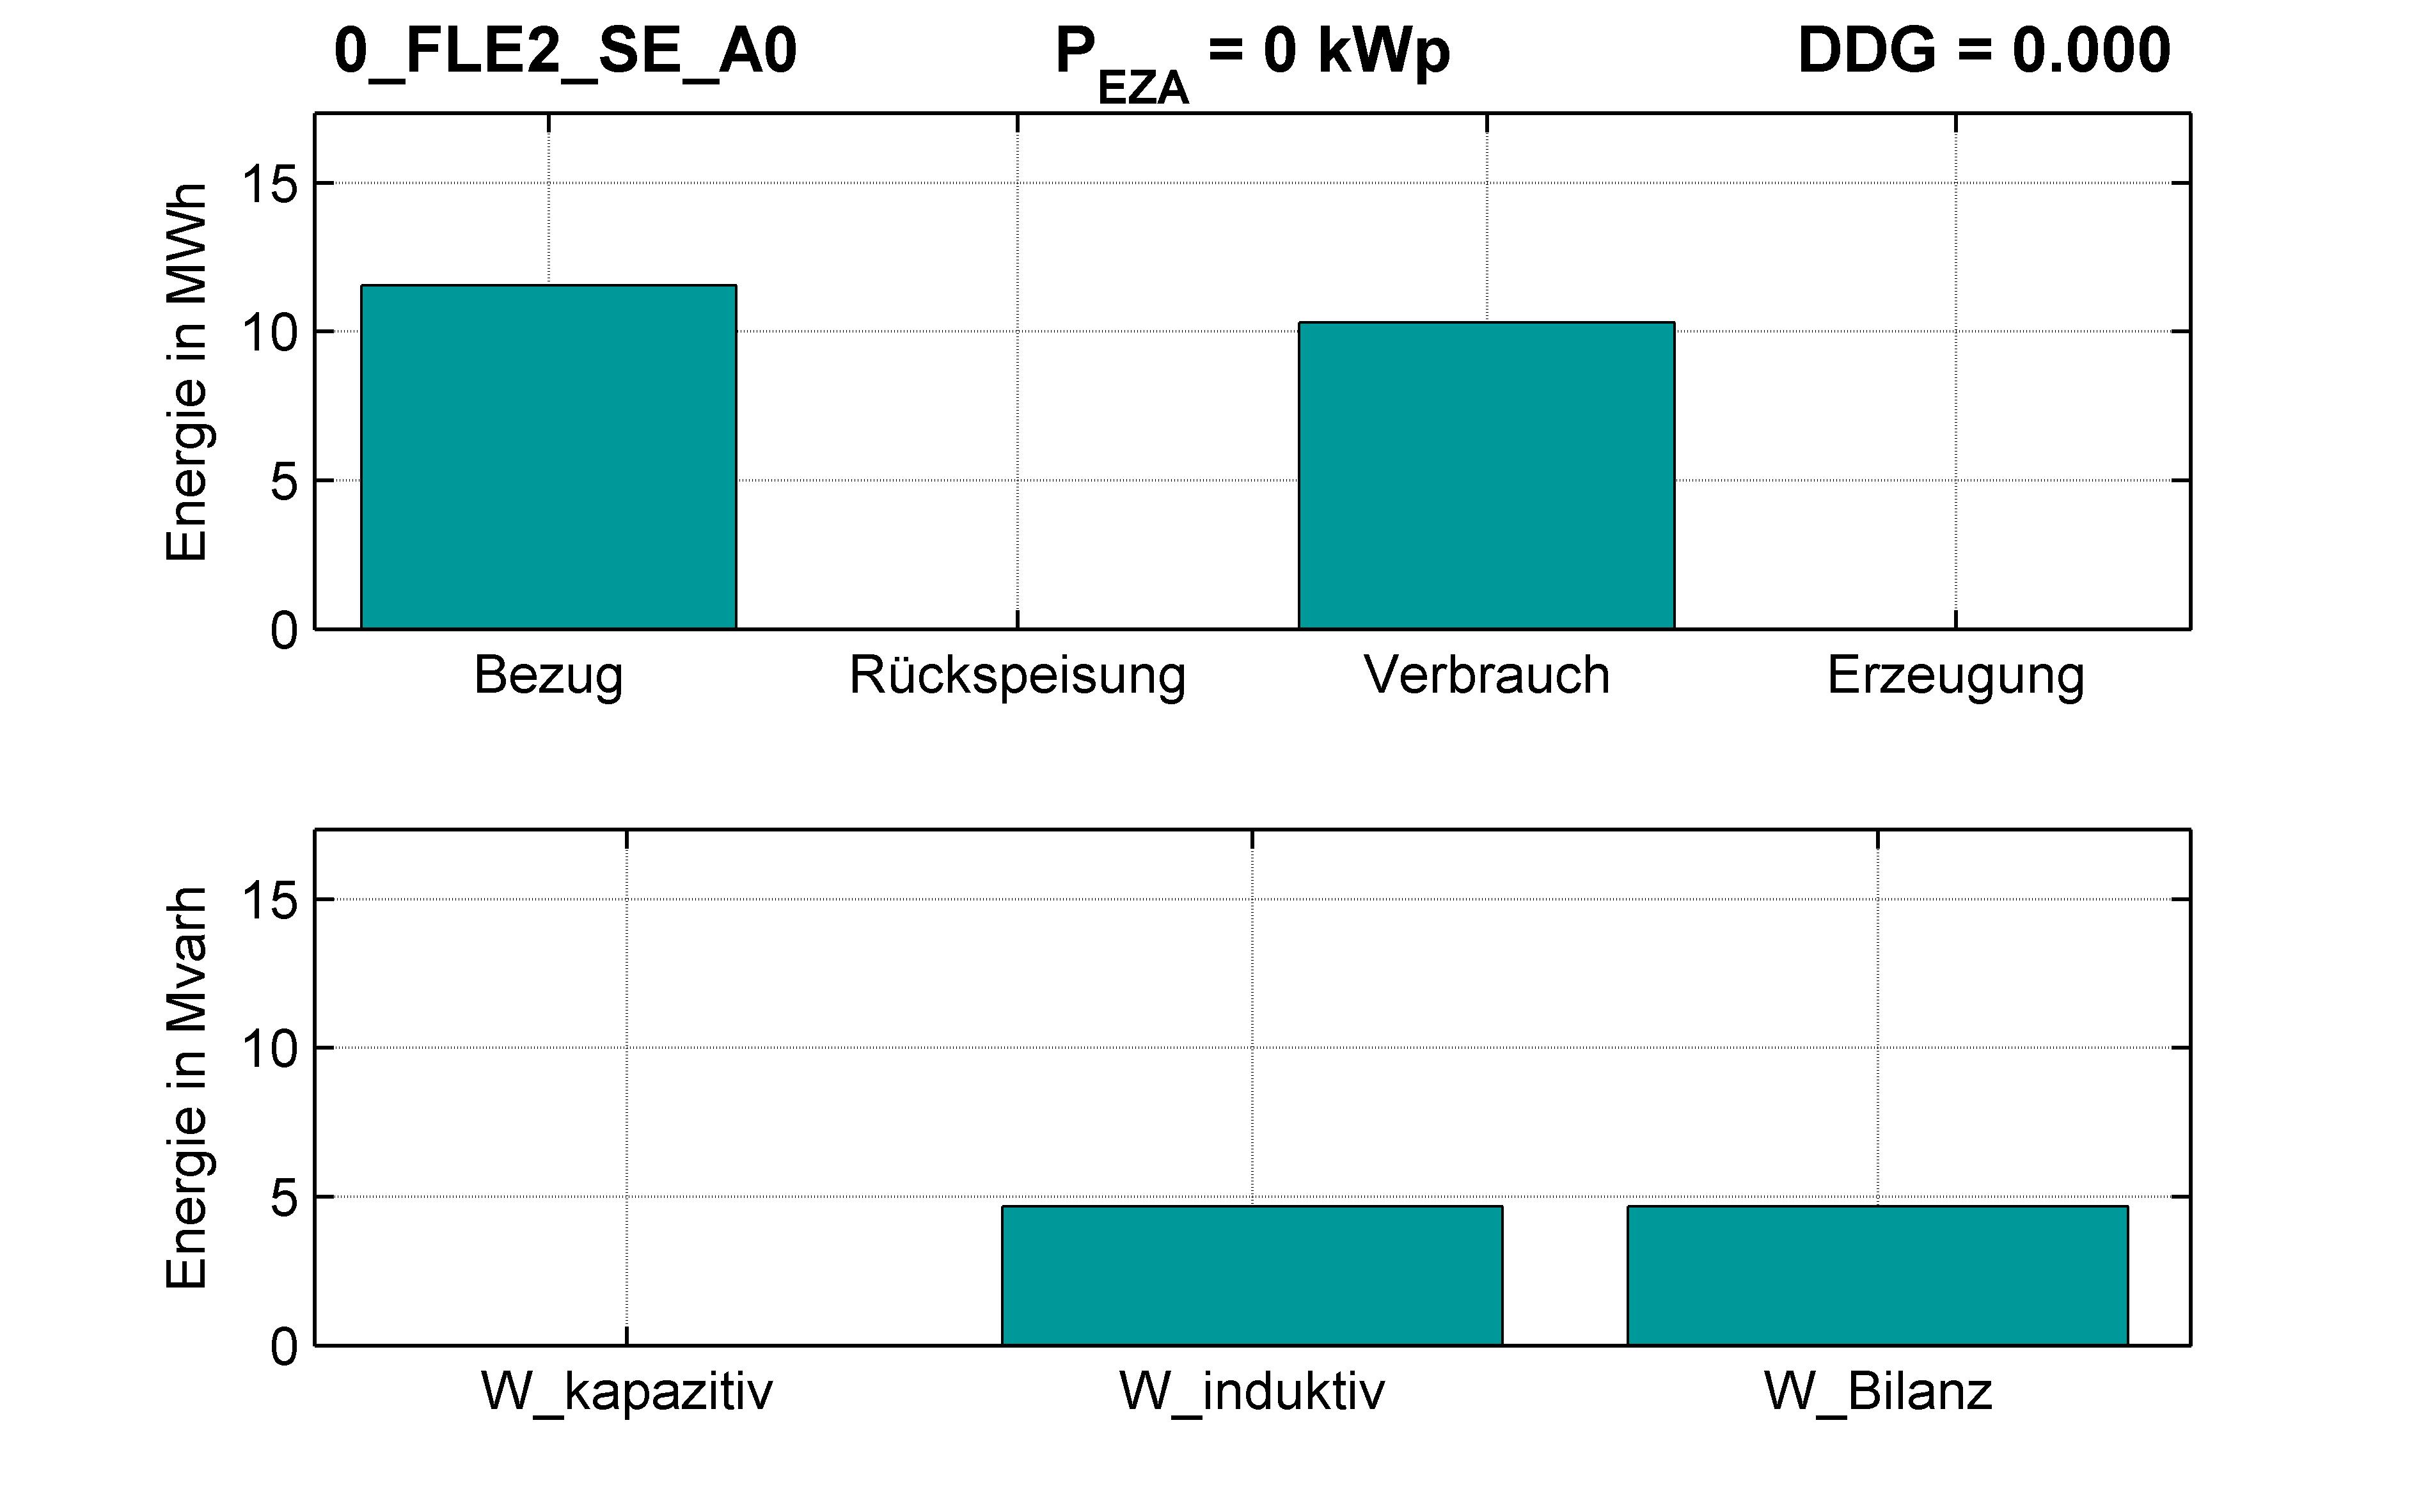 FLE2 | RONT (SE) A0 | Energien-Bilanz